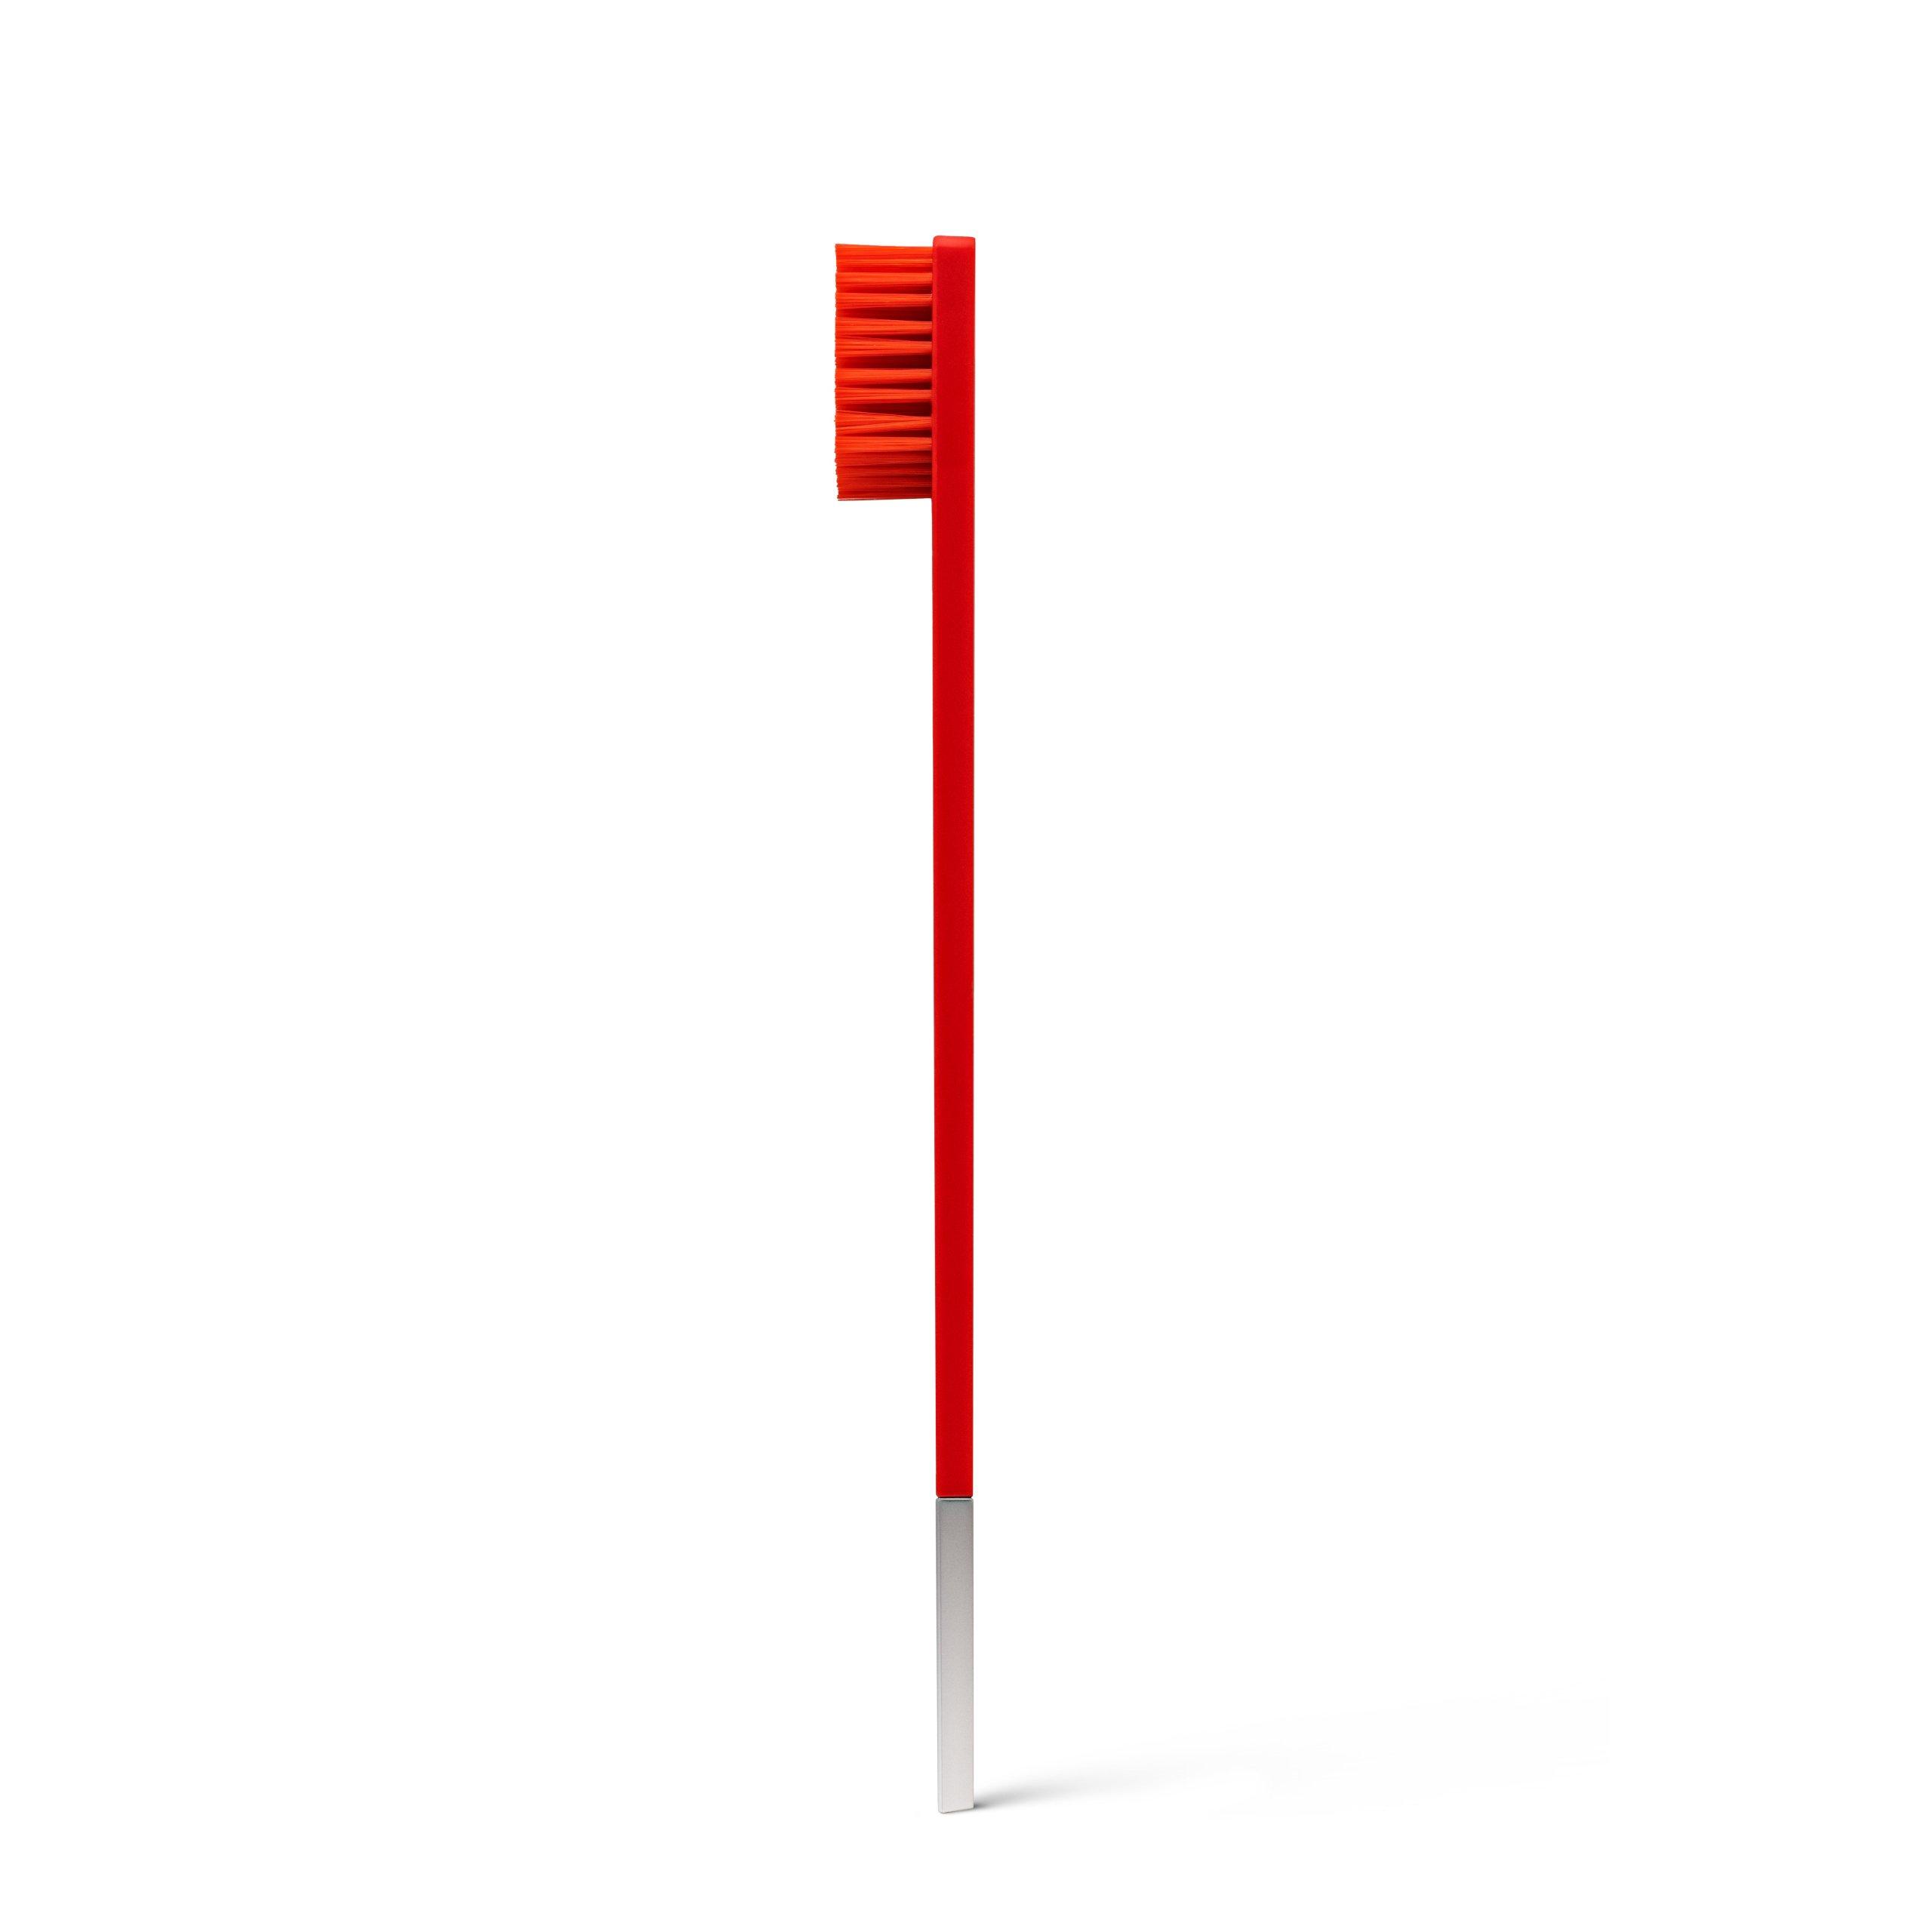 Дизайнерская зубная щетка красная с серебром SLIM by Apriori